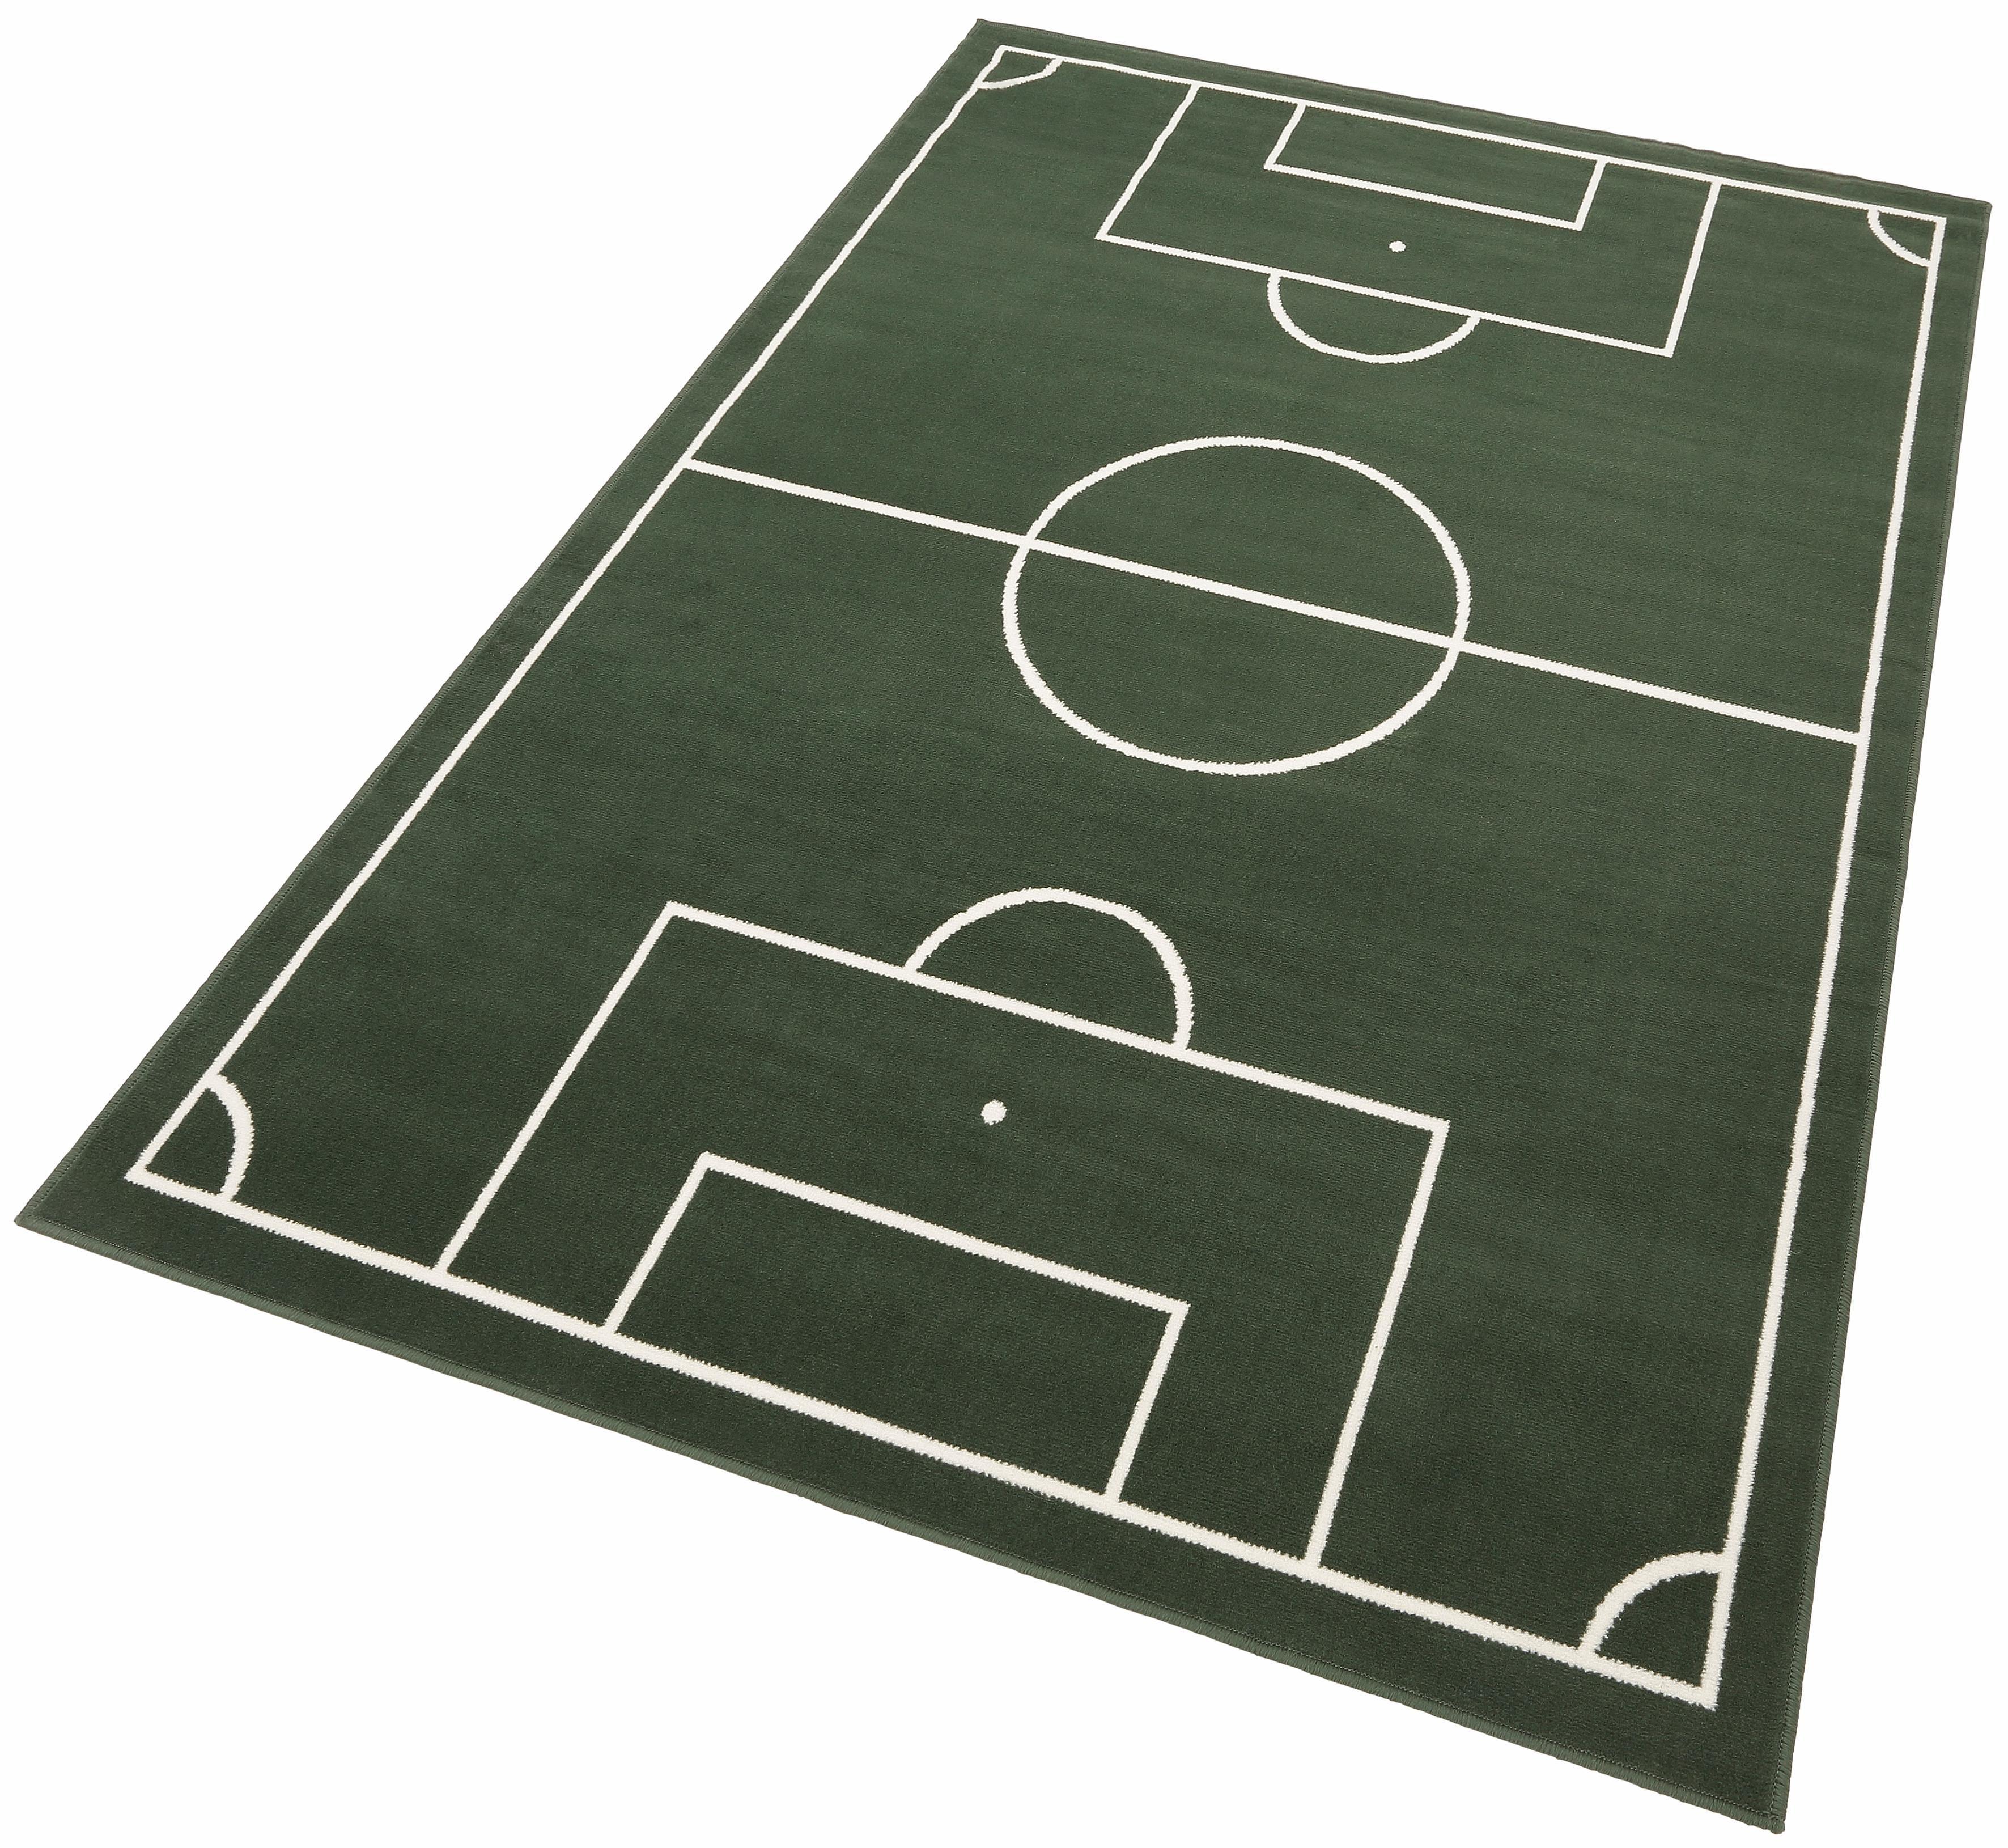 Kinderteppich Fussballplatz HANSE Home rechteckig Höhe 9 mm maschinell gewebt